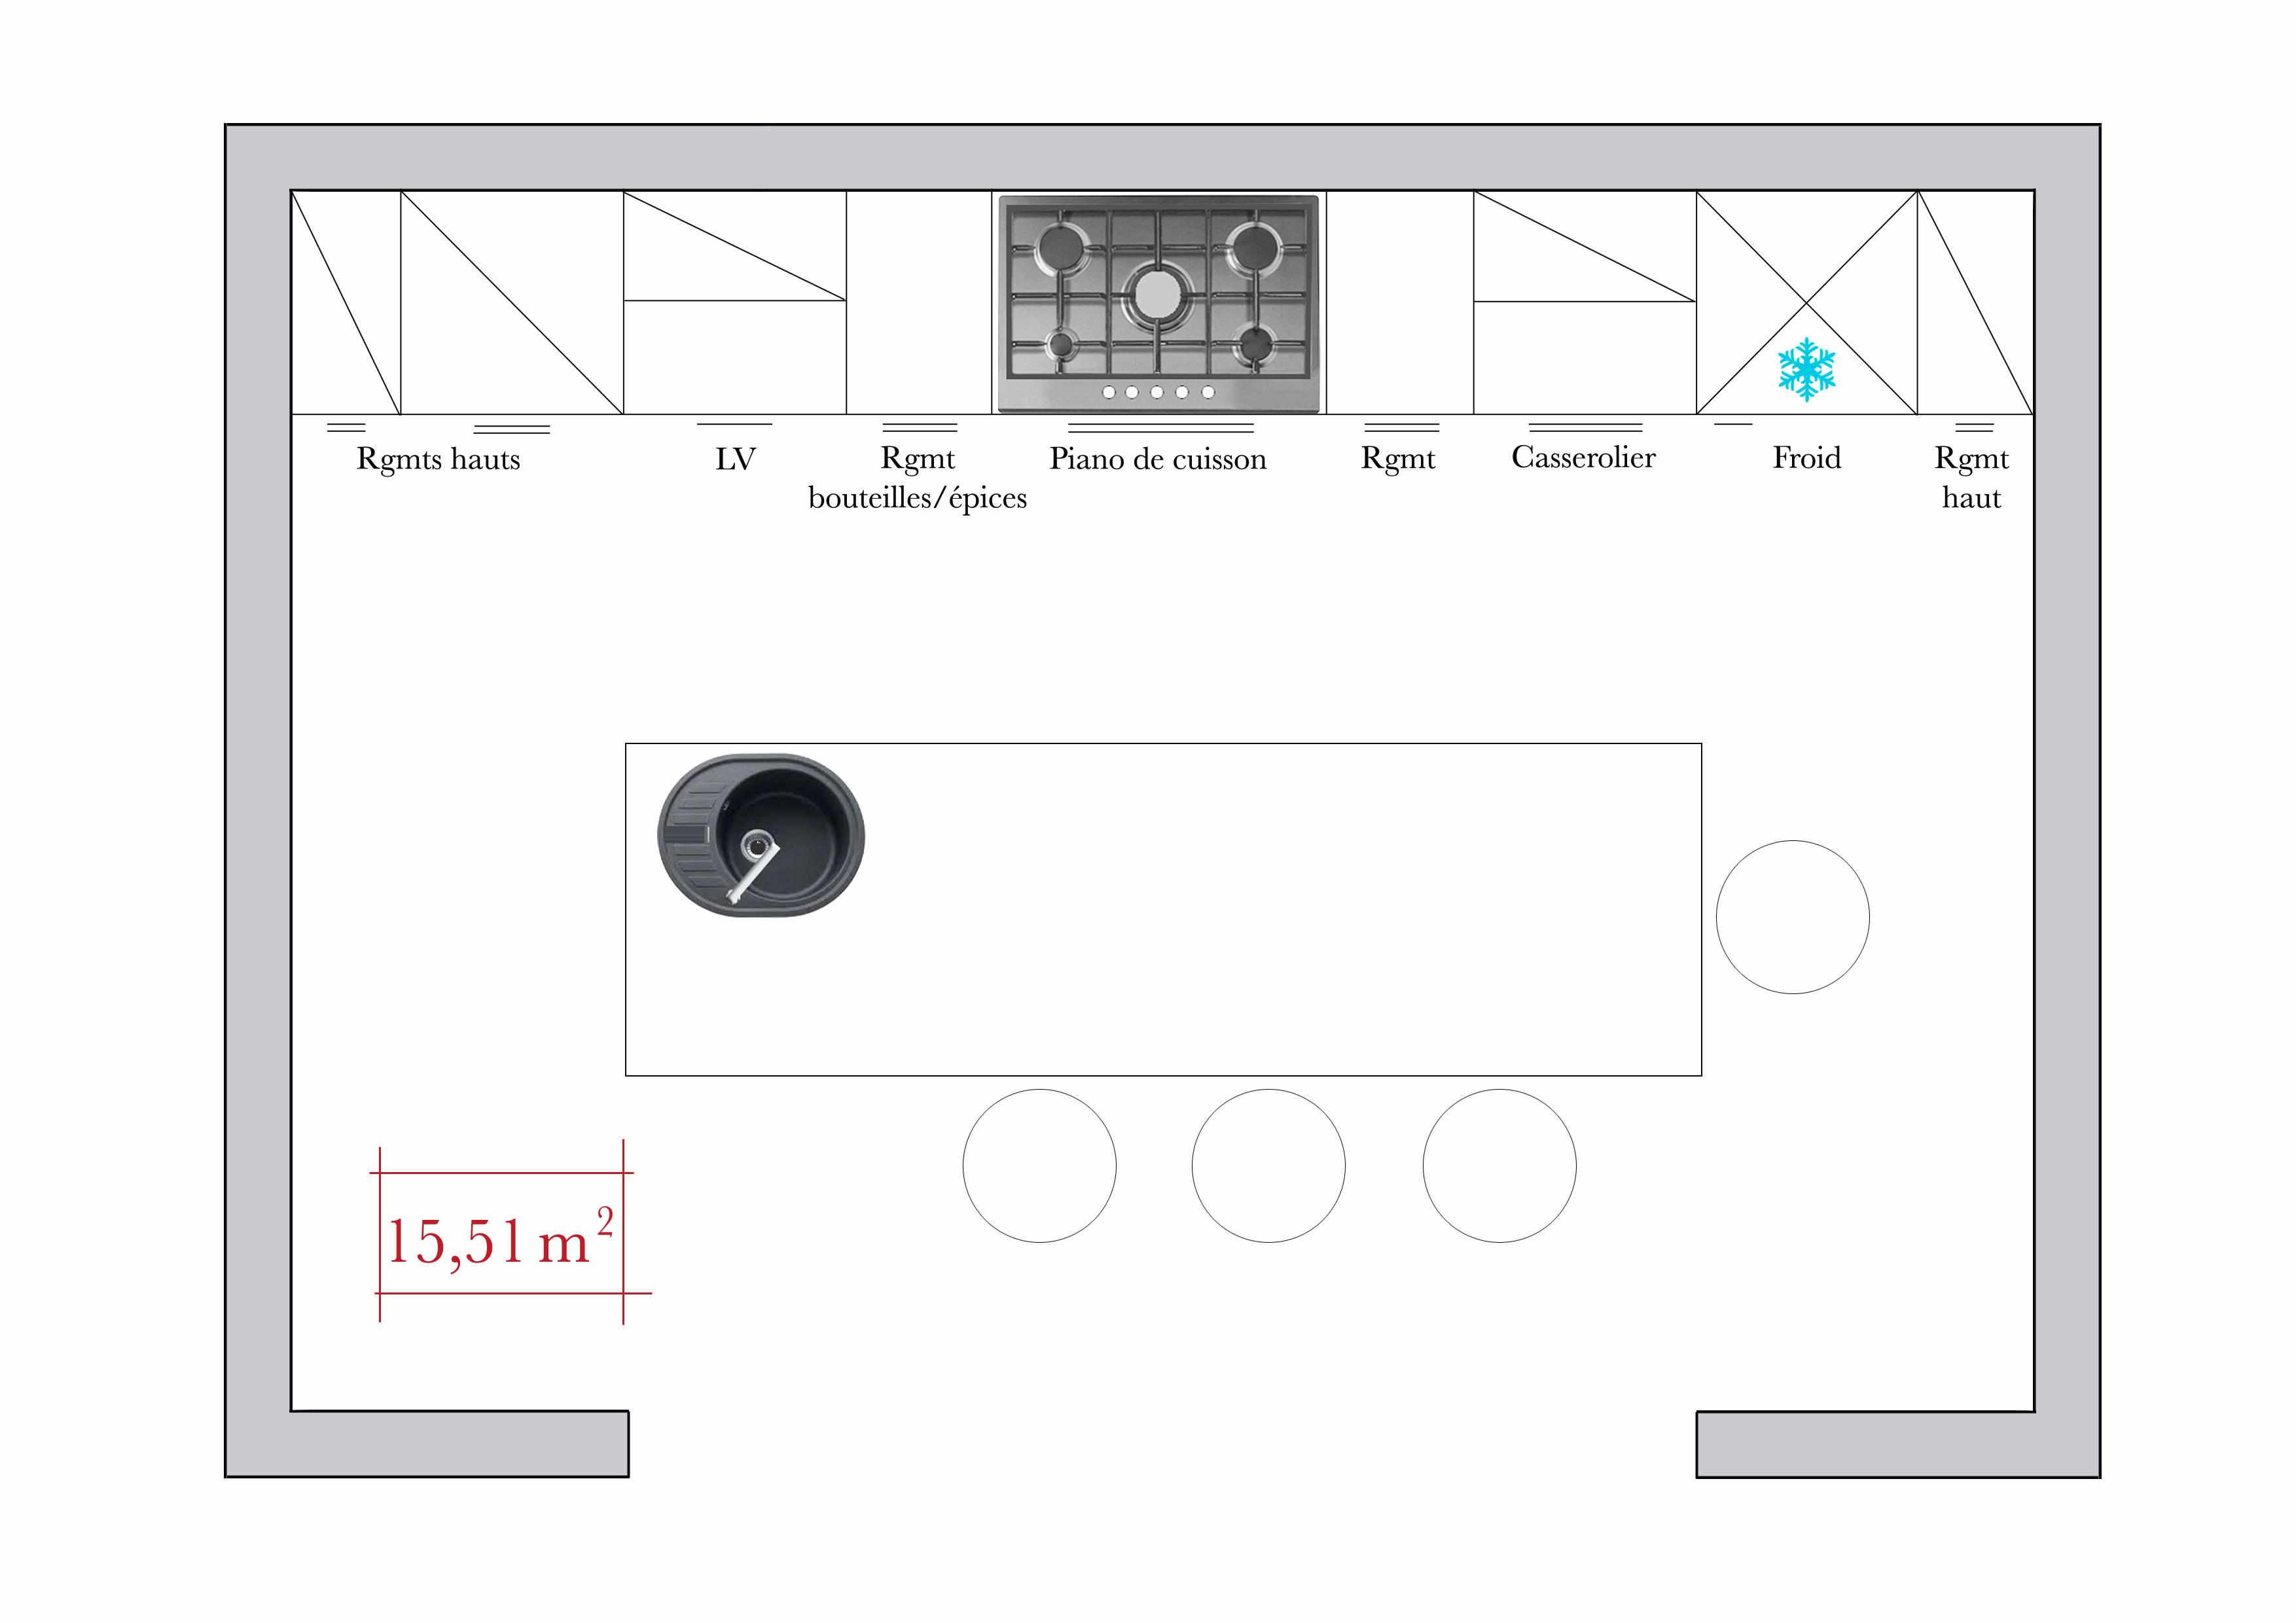 Plan de cuisine lineaire - Atwebster.fr - Maison et mobilier